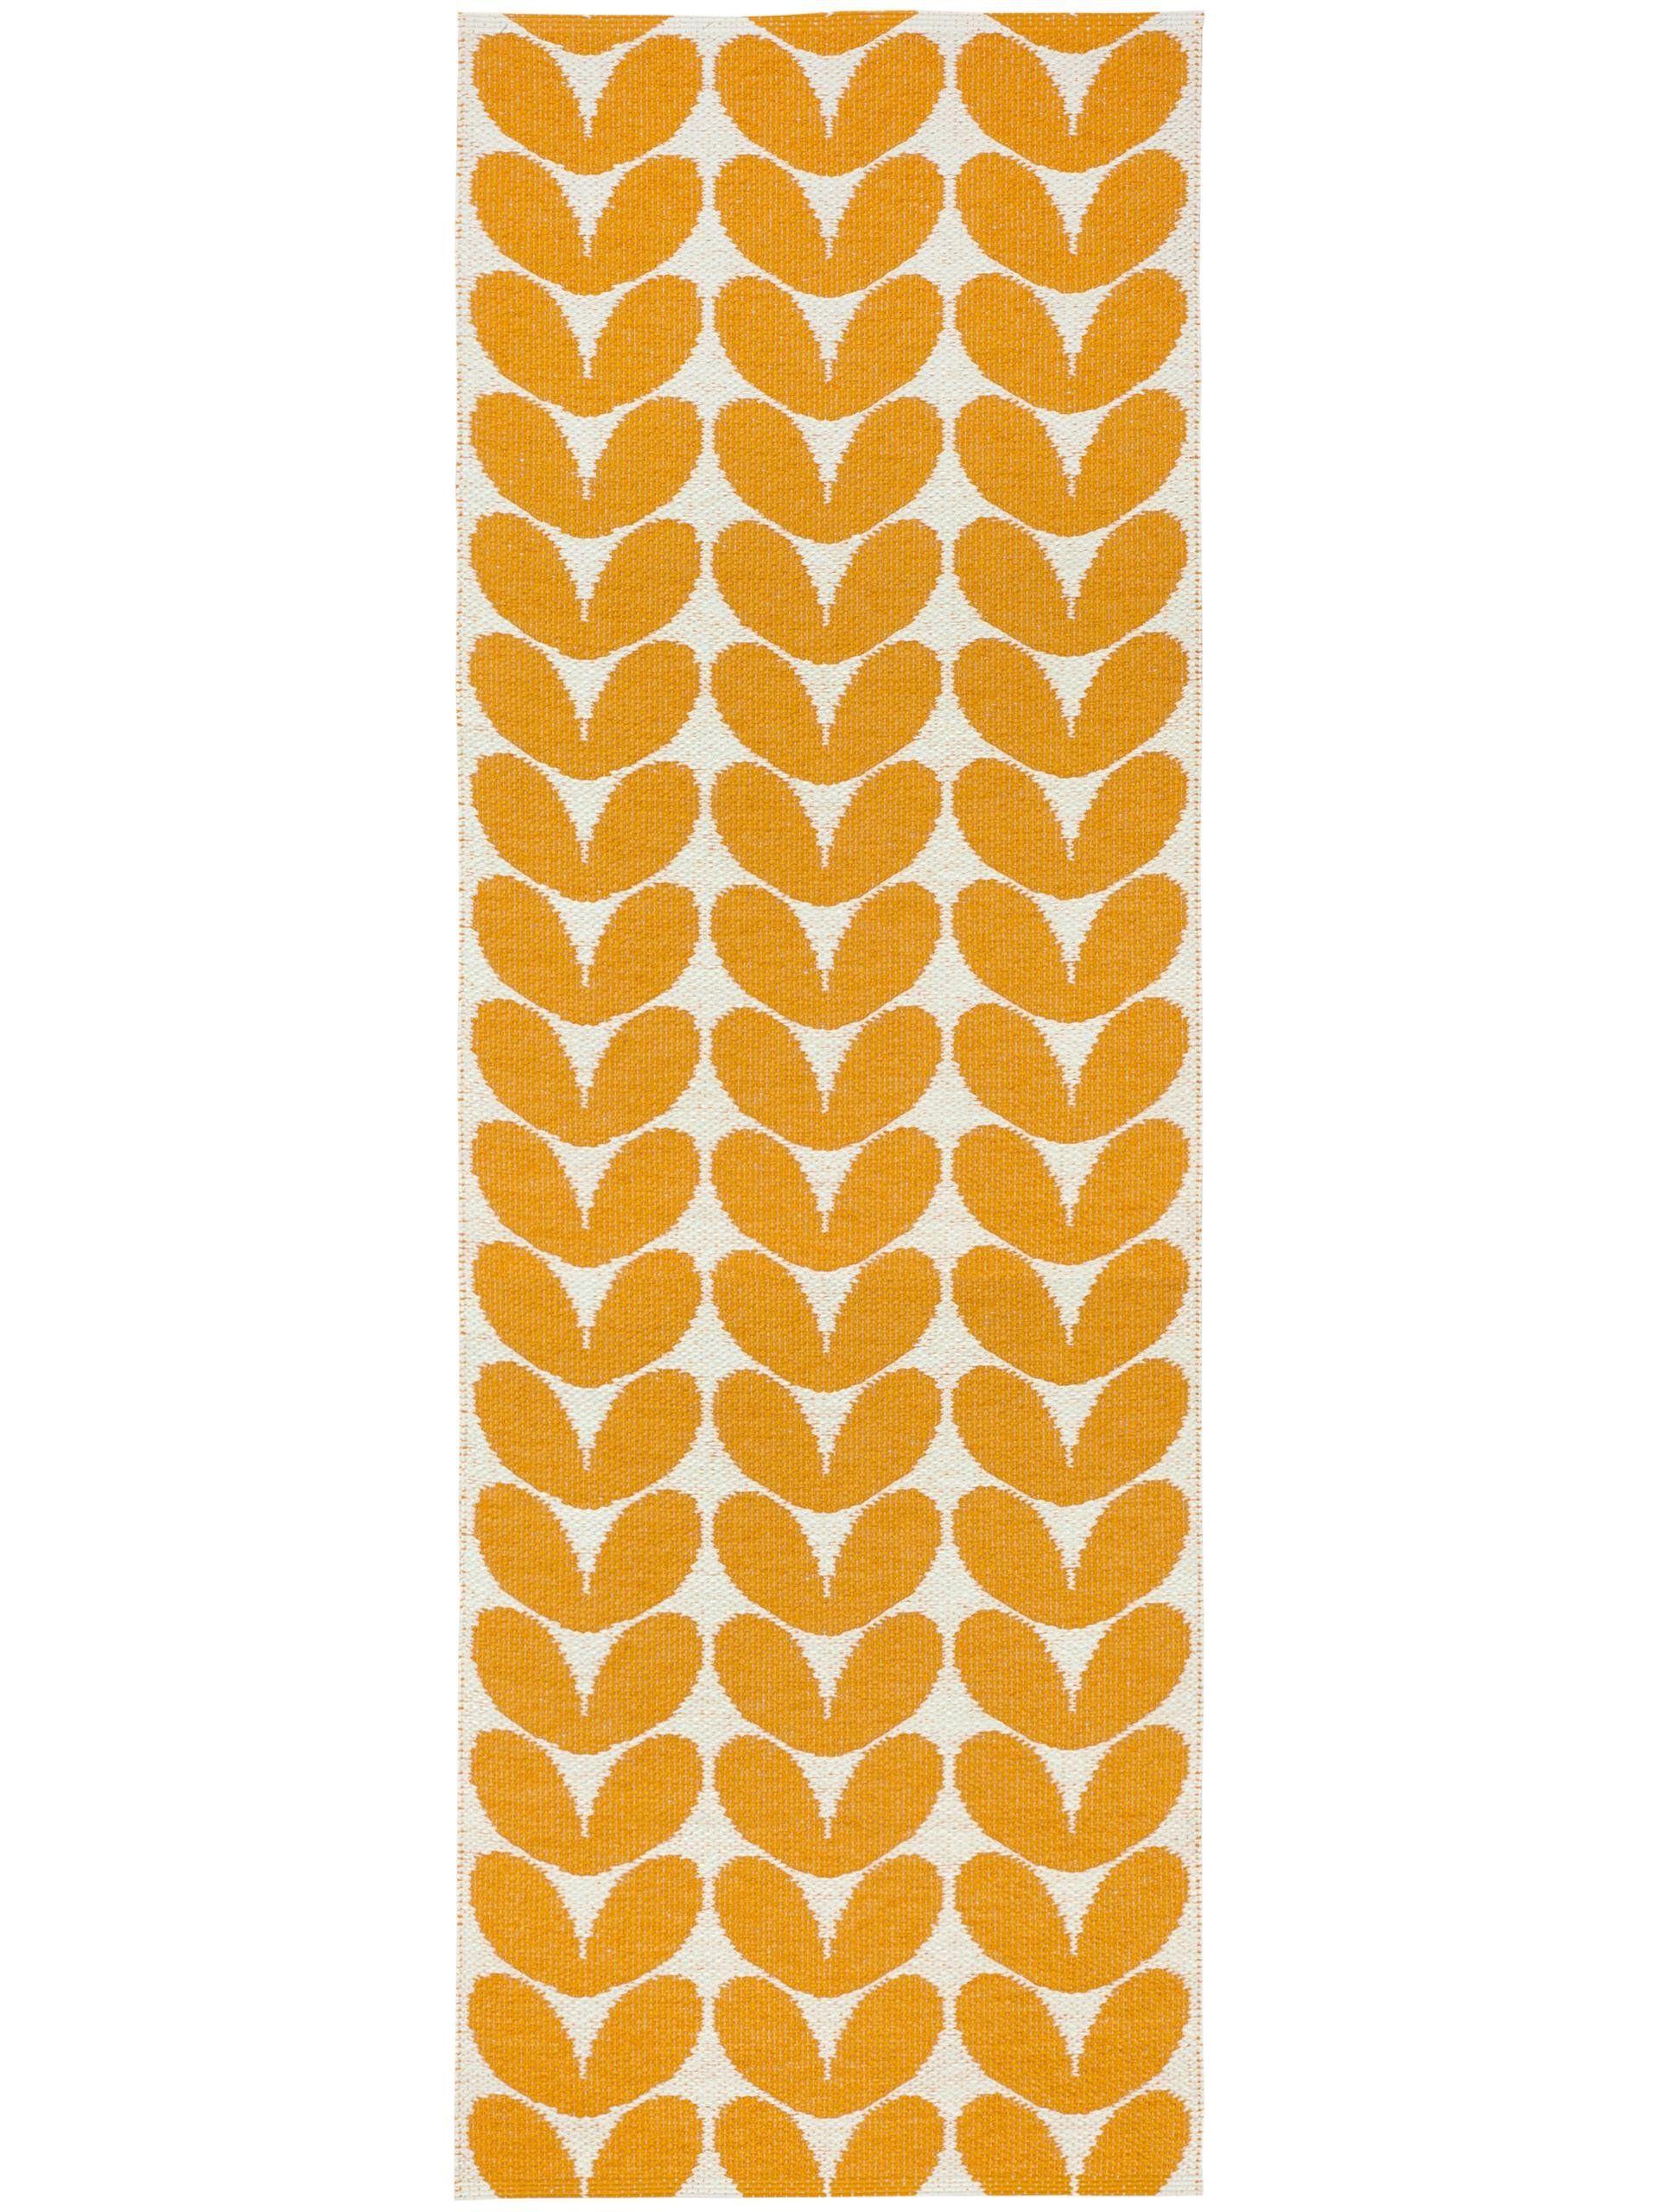 brita sweden plastique tapis duextrieur de couloir karin pas cher orange x cm with maison. Black Bedroom Furniture Sets. Home Design Ideas